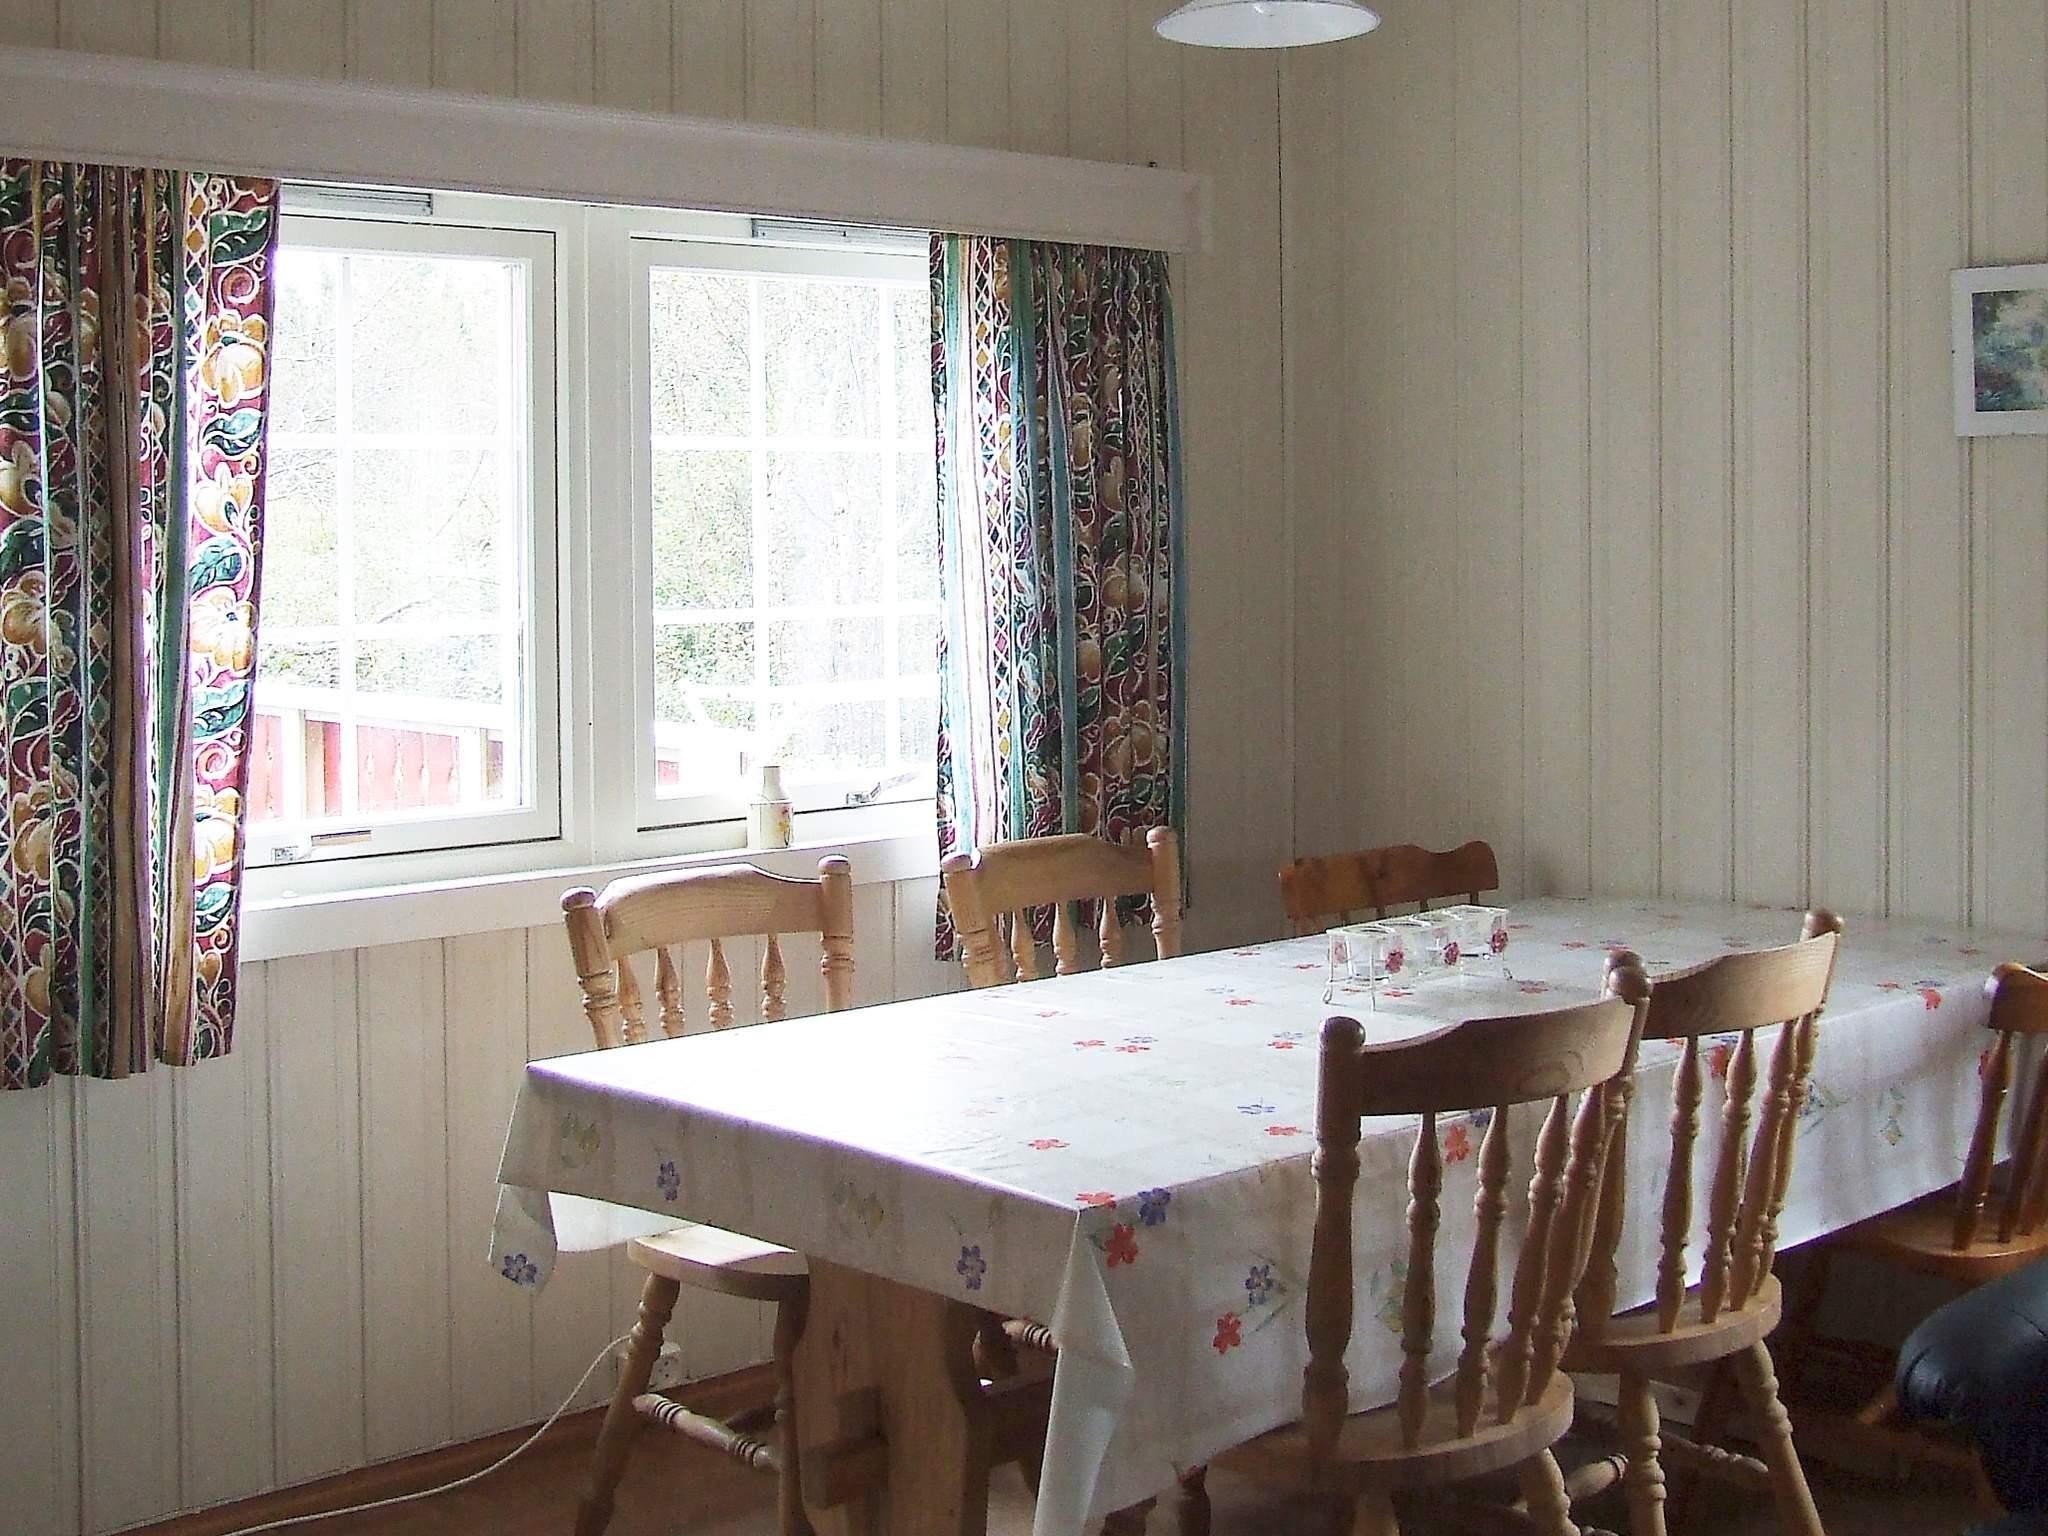 Ferienhaus Storfosna (179483), Storfosna, Tröndelag Süd - Trondheimfjord Süd, Mittelnorwegen, Norwegen, Bild 6